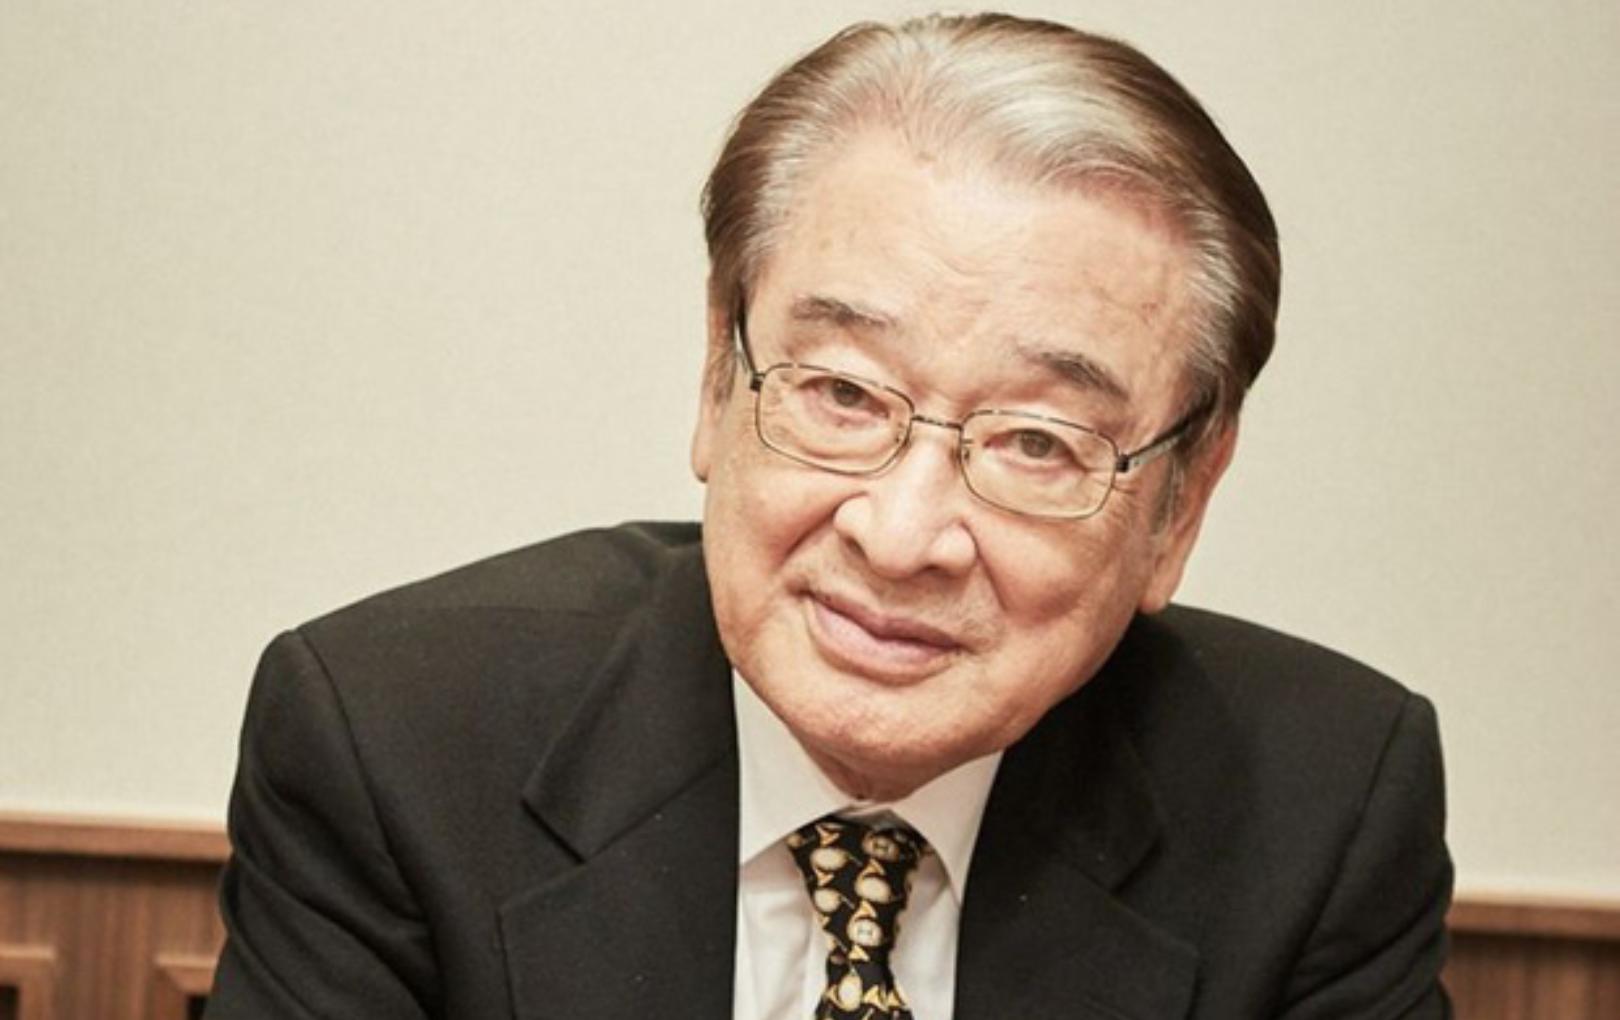 """NÓNG: SBS """"bóc trần"""" bê bối ông nội quốc dân """"Gia đình là số 1"""" Lee Soon Jae, Bộ Lao động phải vào cuộc điều tra"""